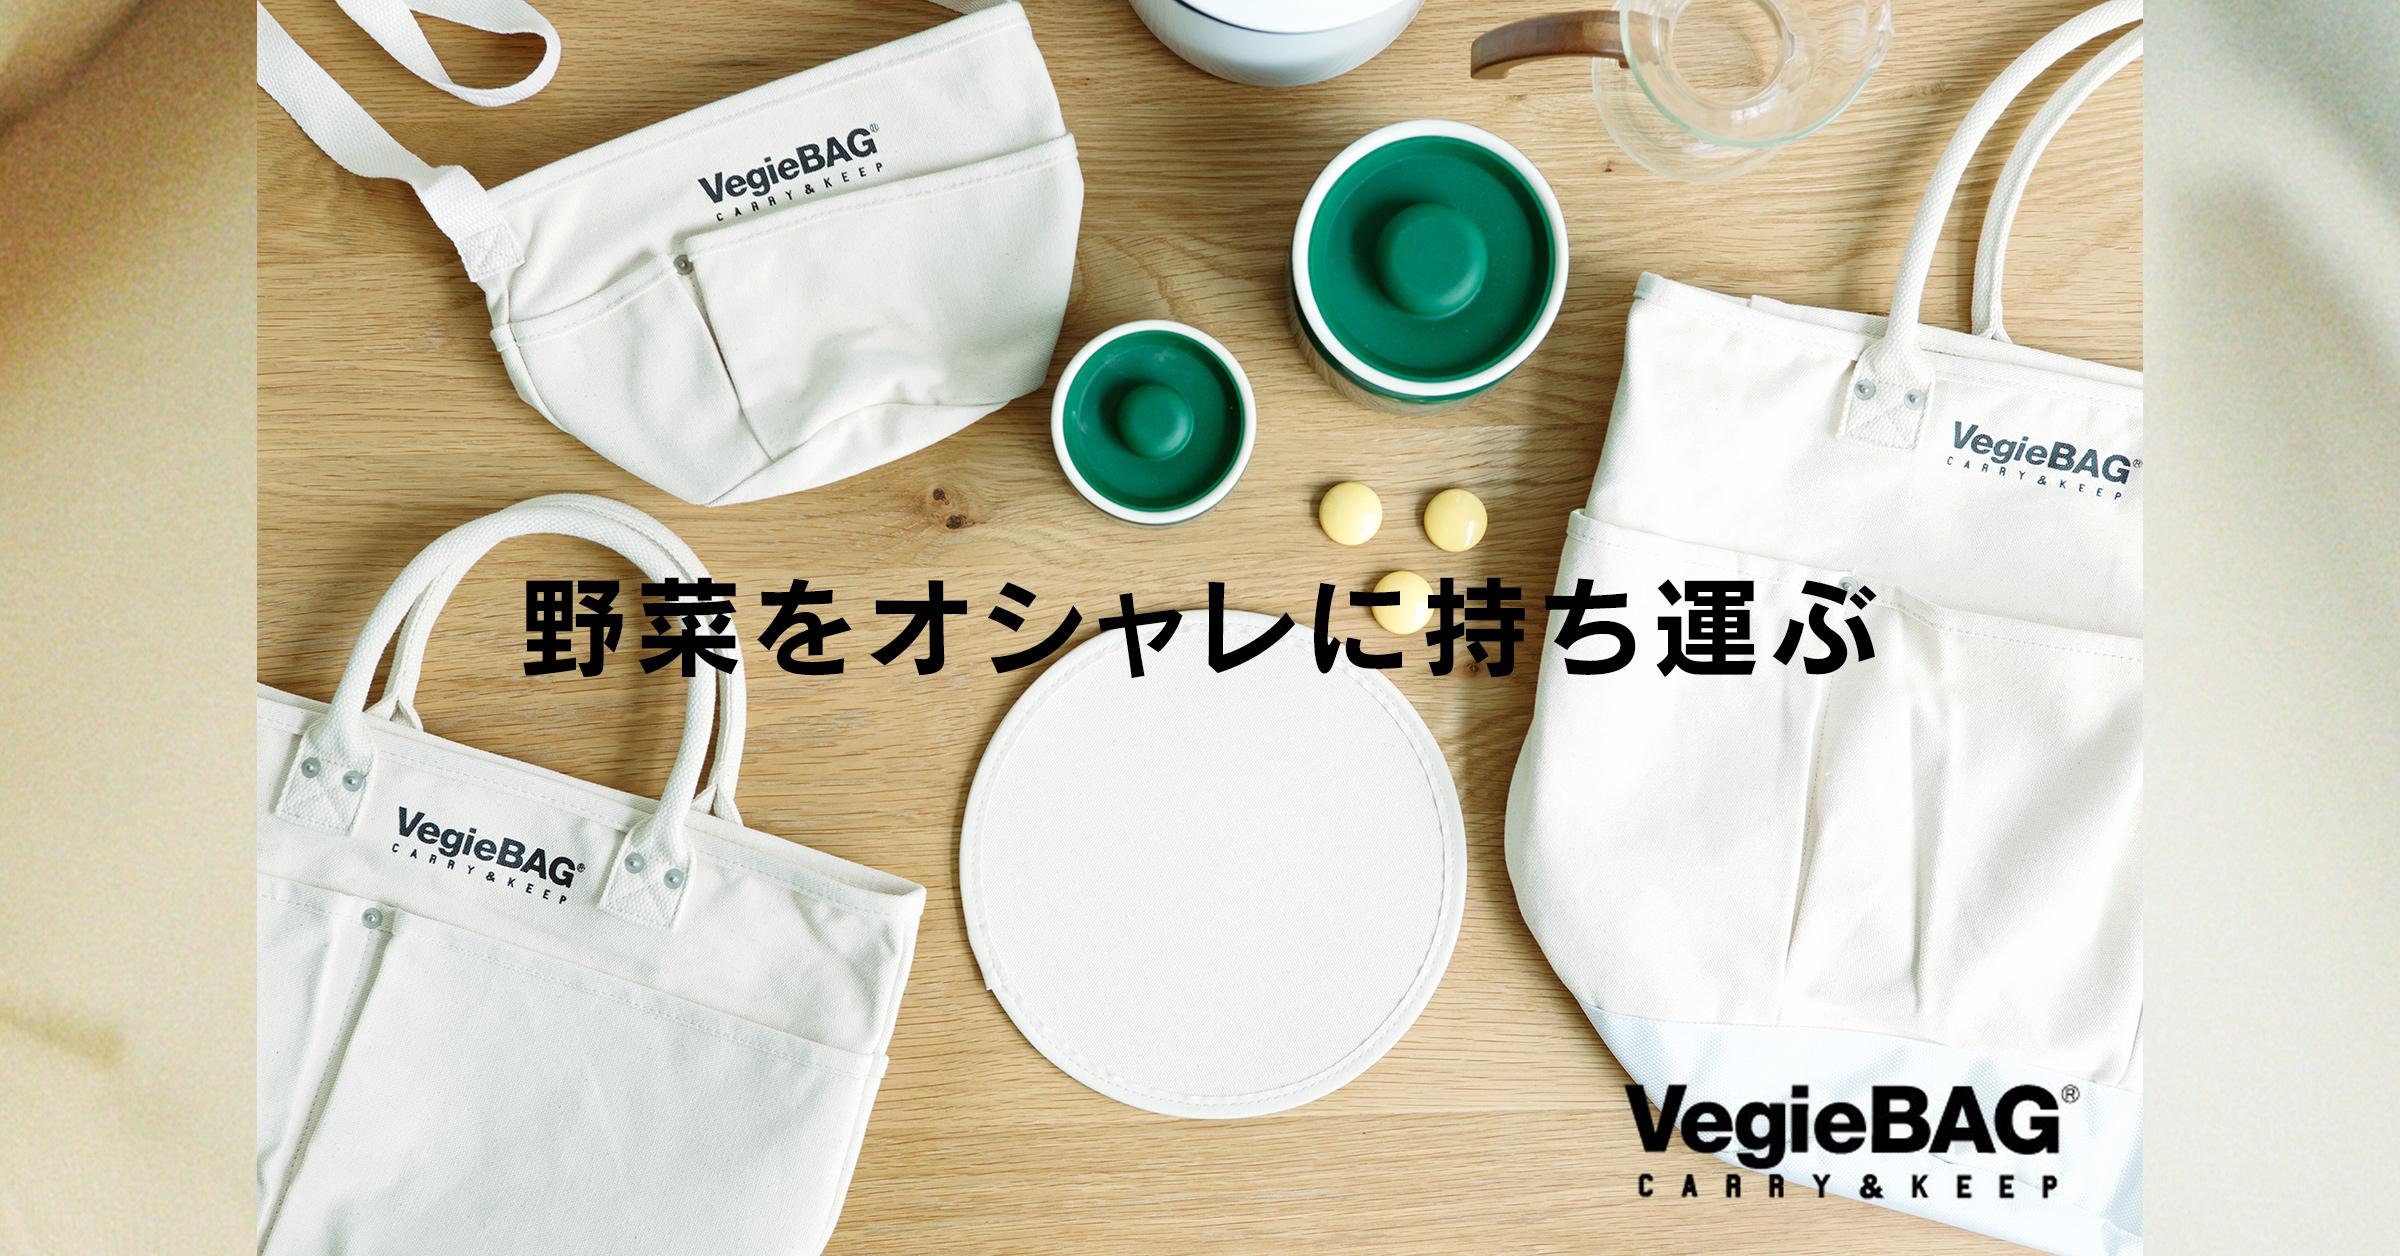 Vegie BAG